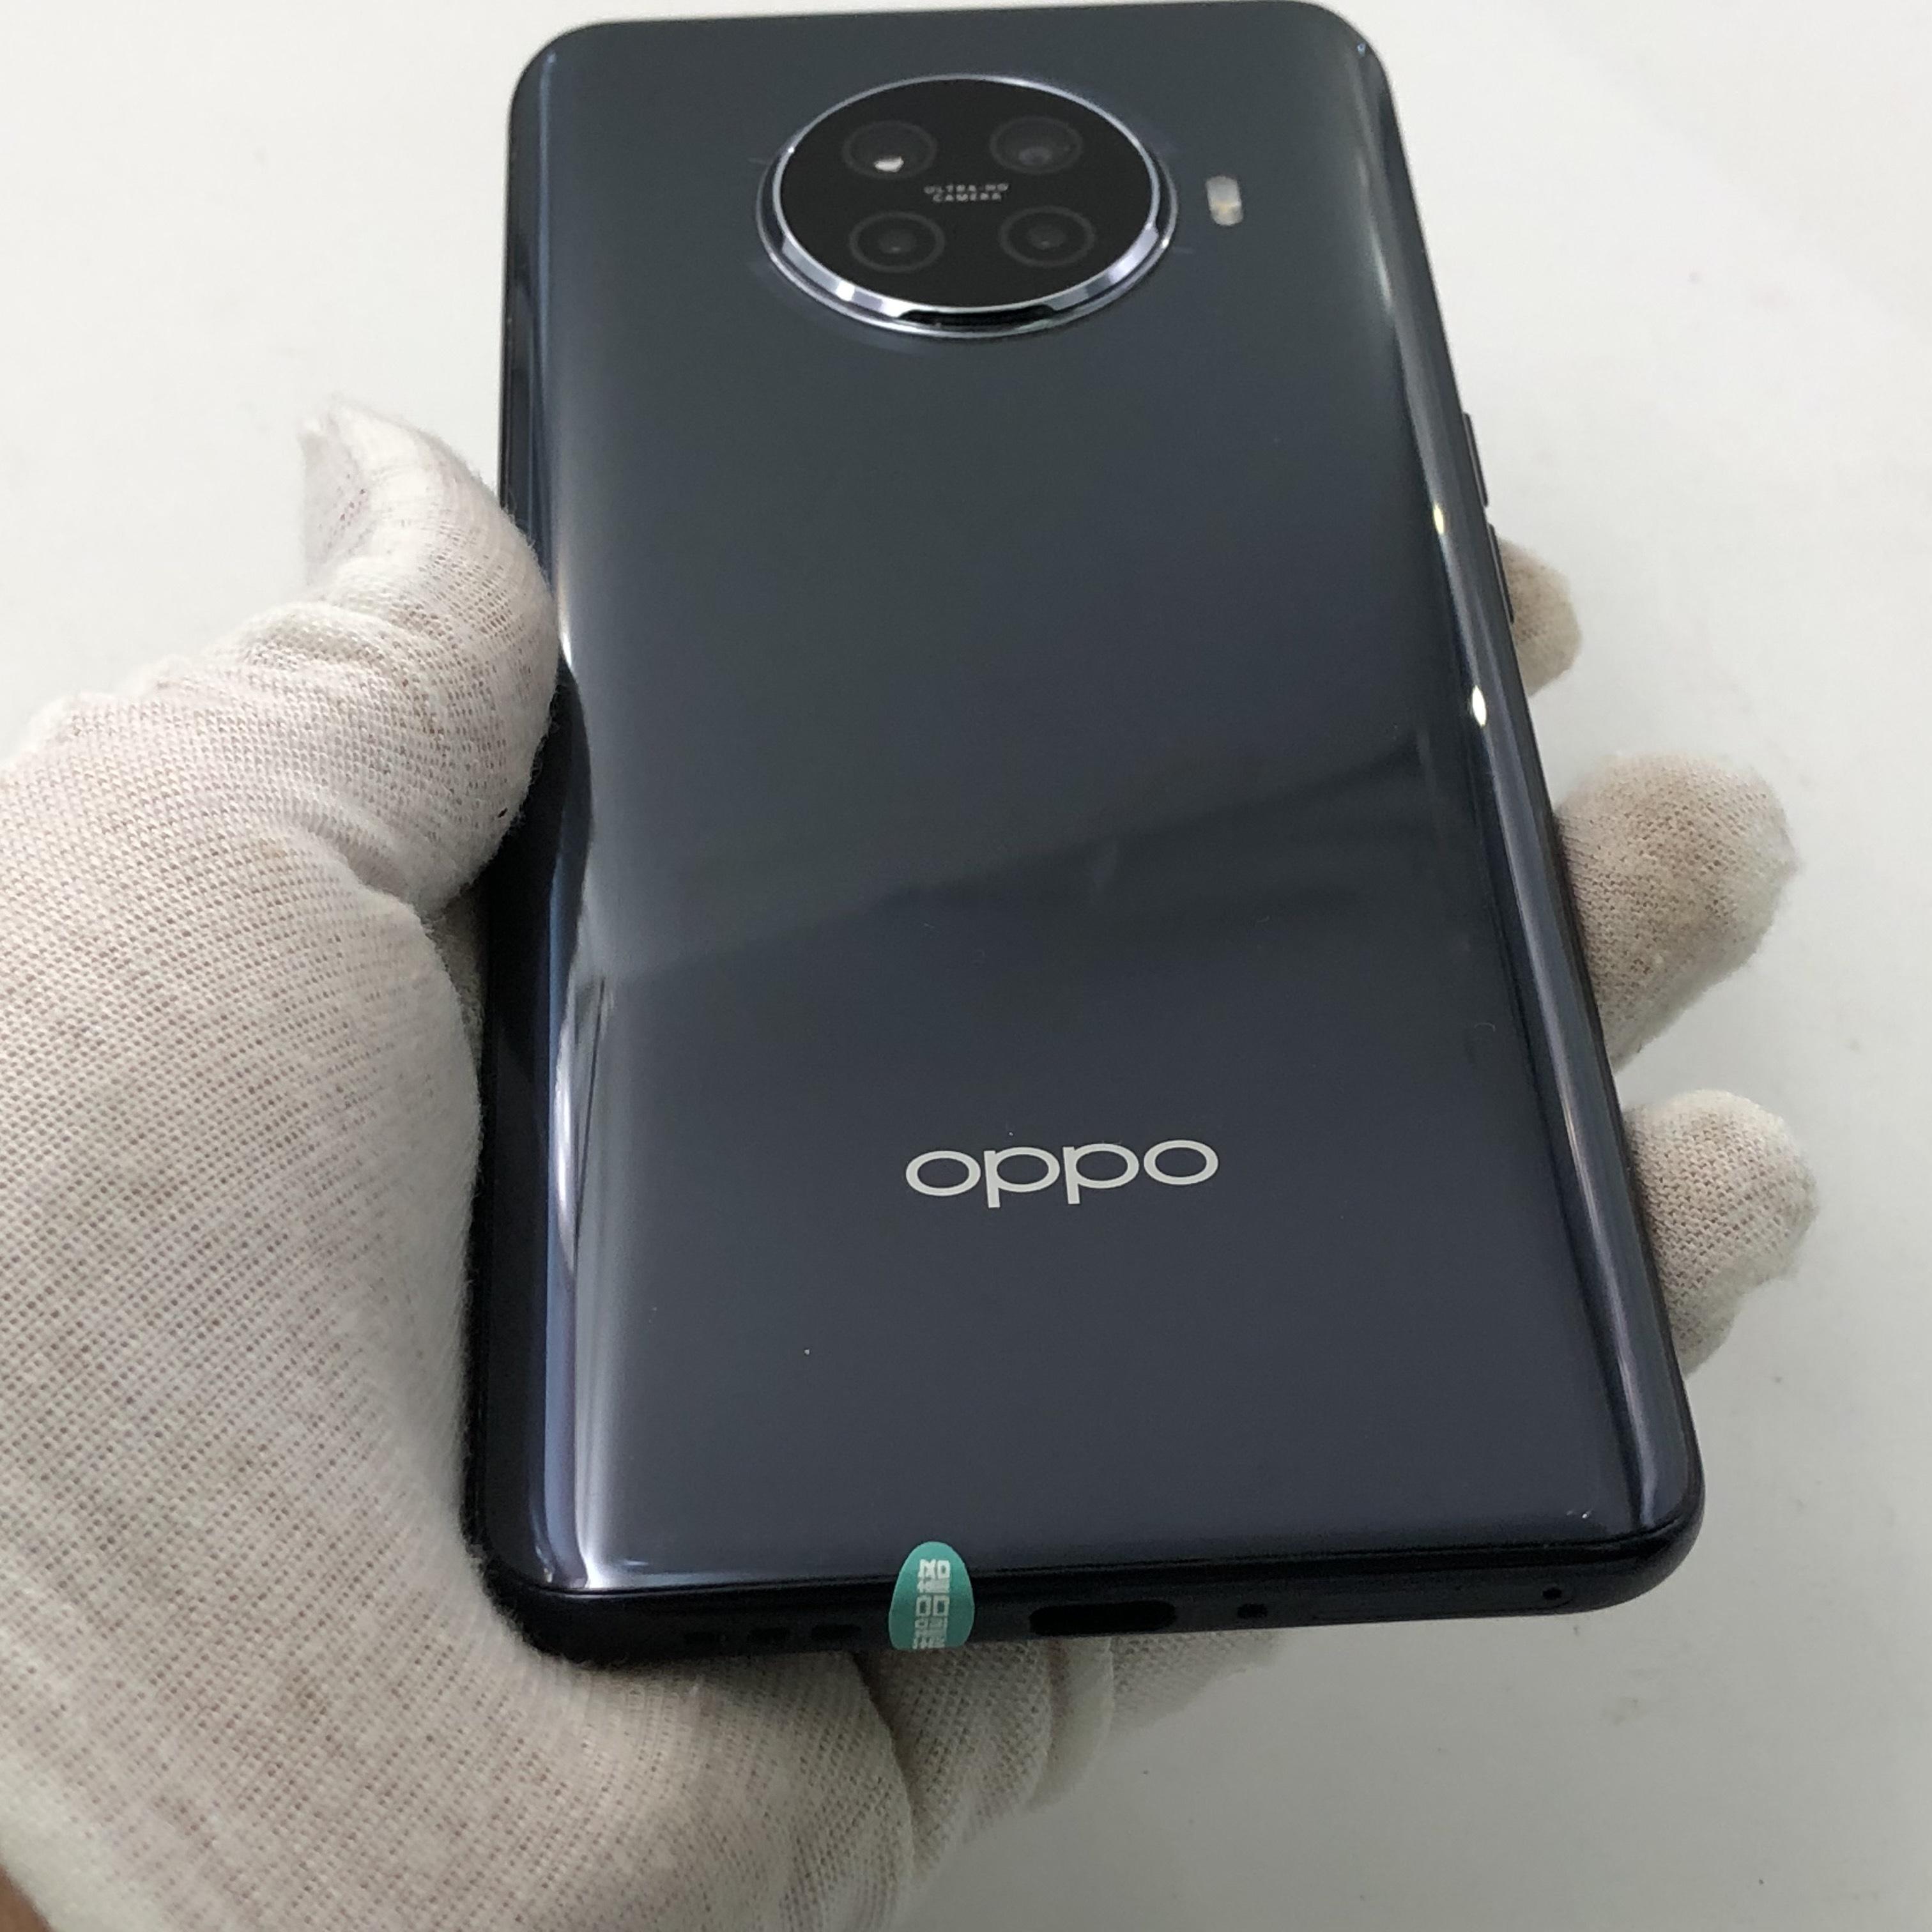 oppo【Ace2 5G】4G全网通 月岩灰 8G/128G 国行 8成新